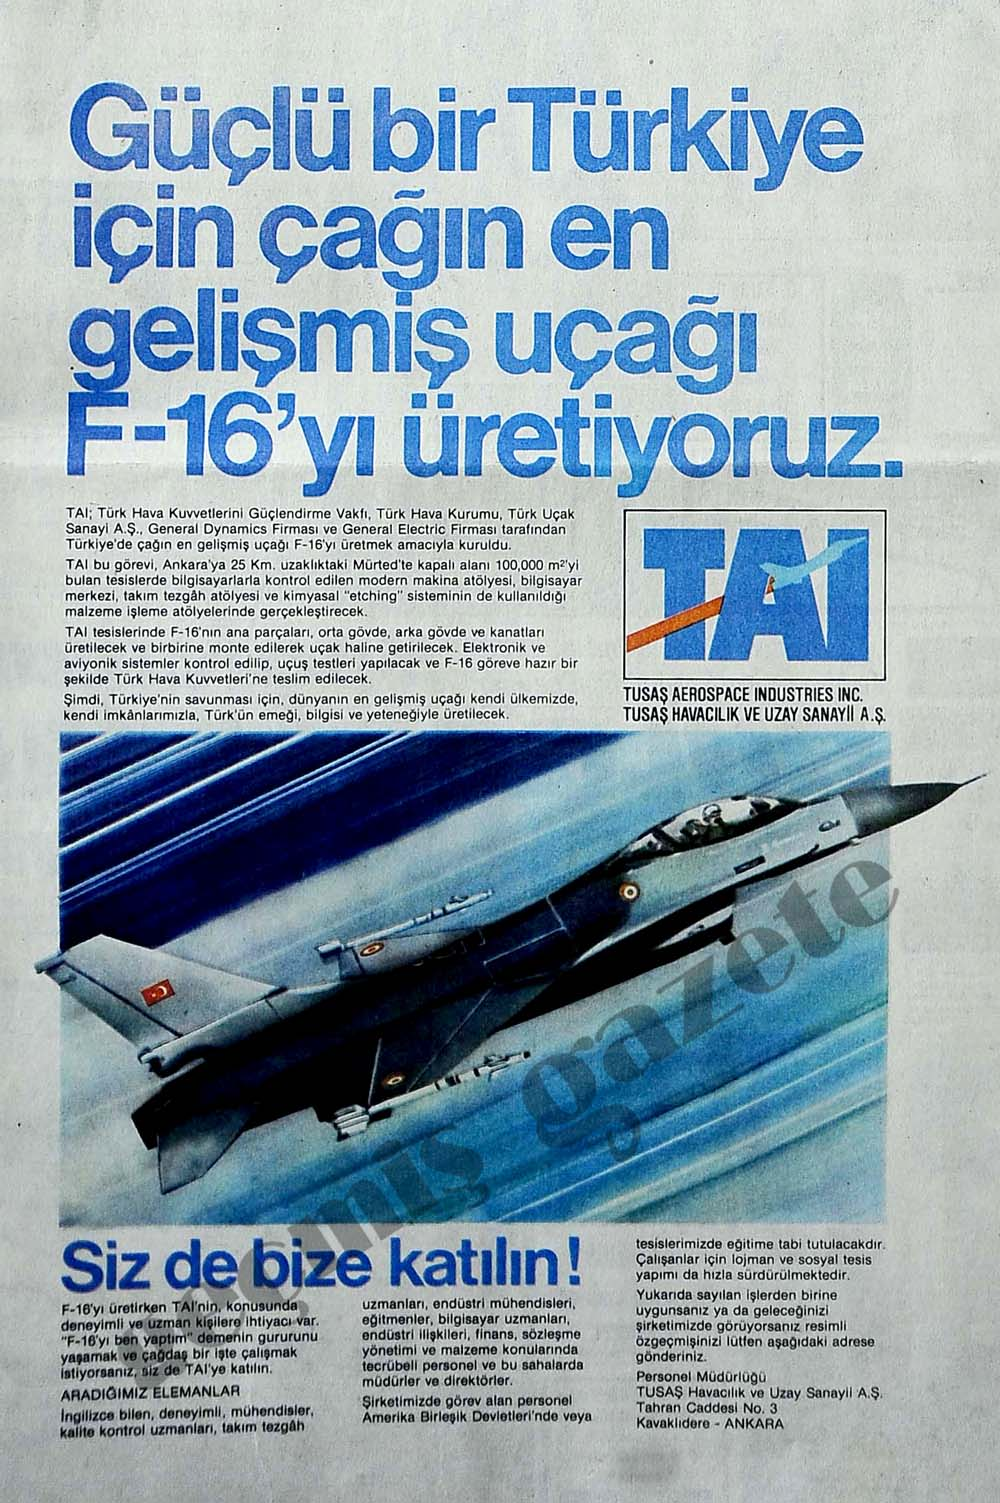 Güçlü bir Türkiye için çağın en gelişmiş uçağı F-16'yı üretiyoruz